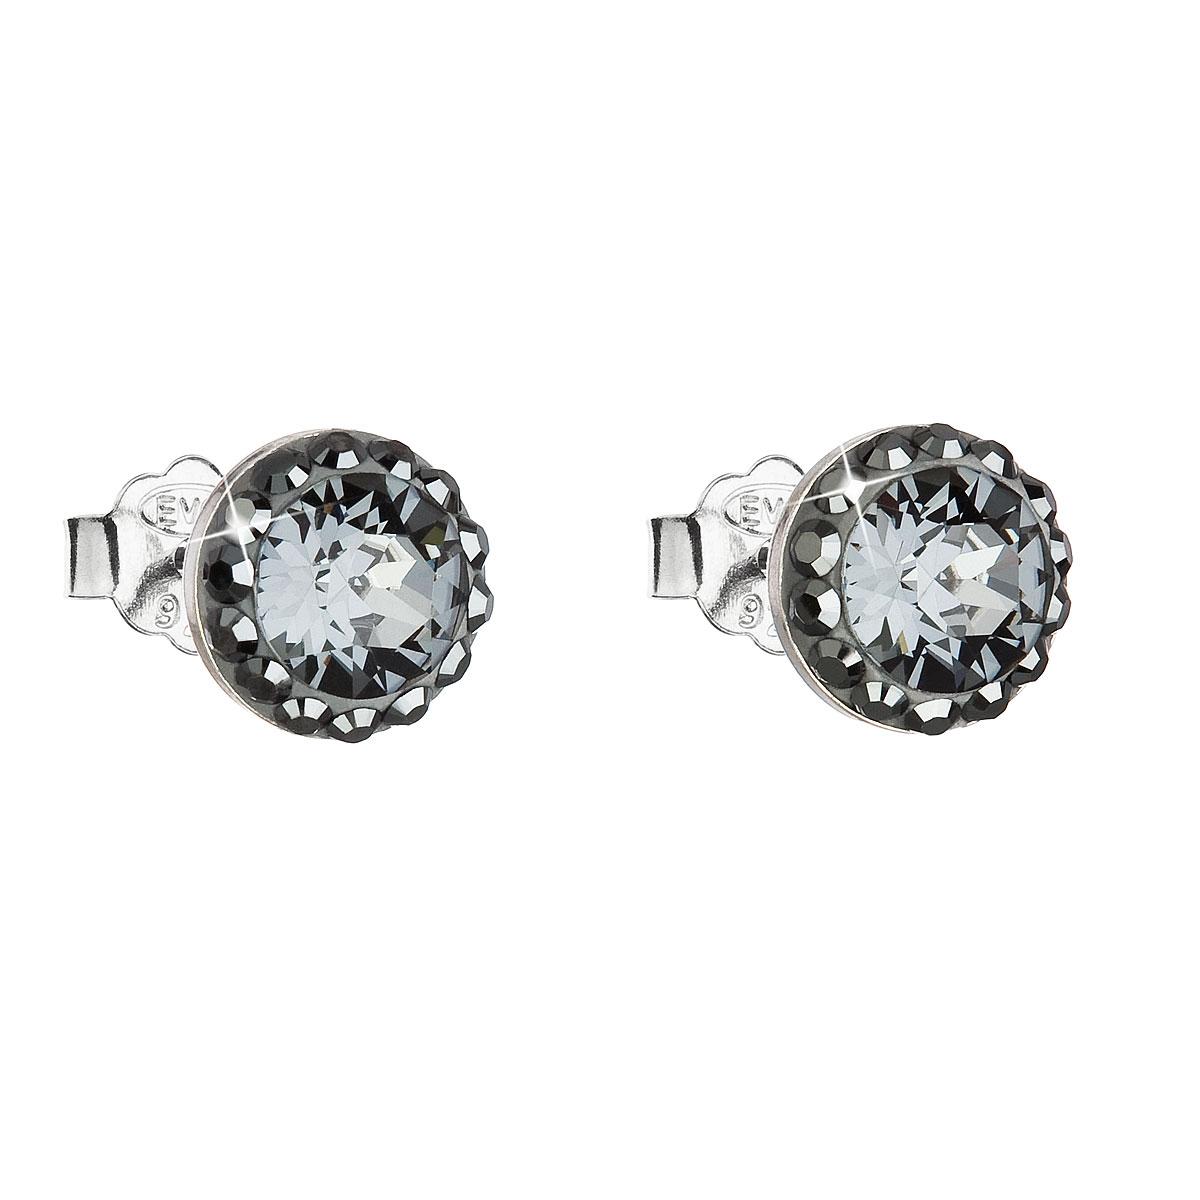 Evolution Group Stříbrné náušnice pecka s krystaly Swarovski černé kulaté 71008.3, dárkové balení